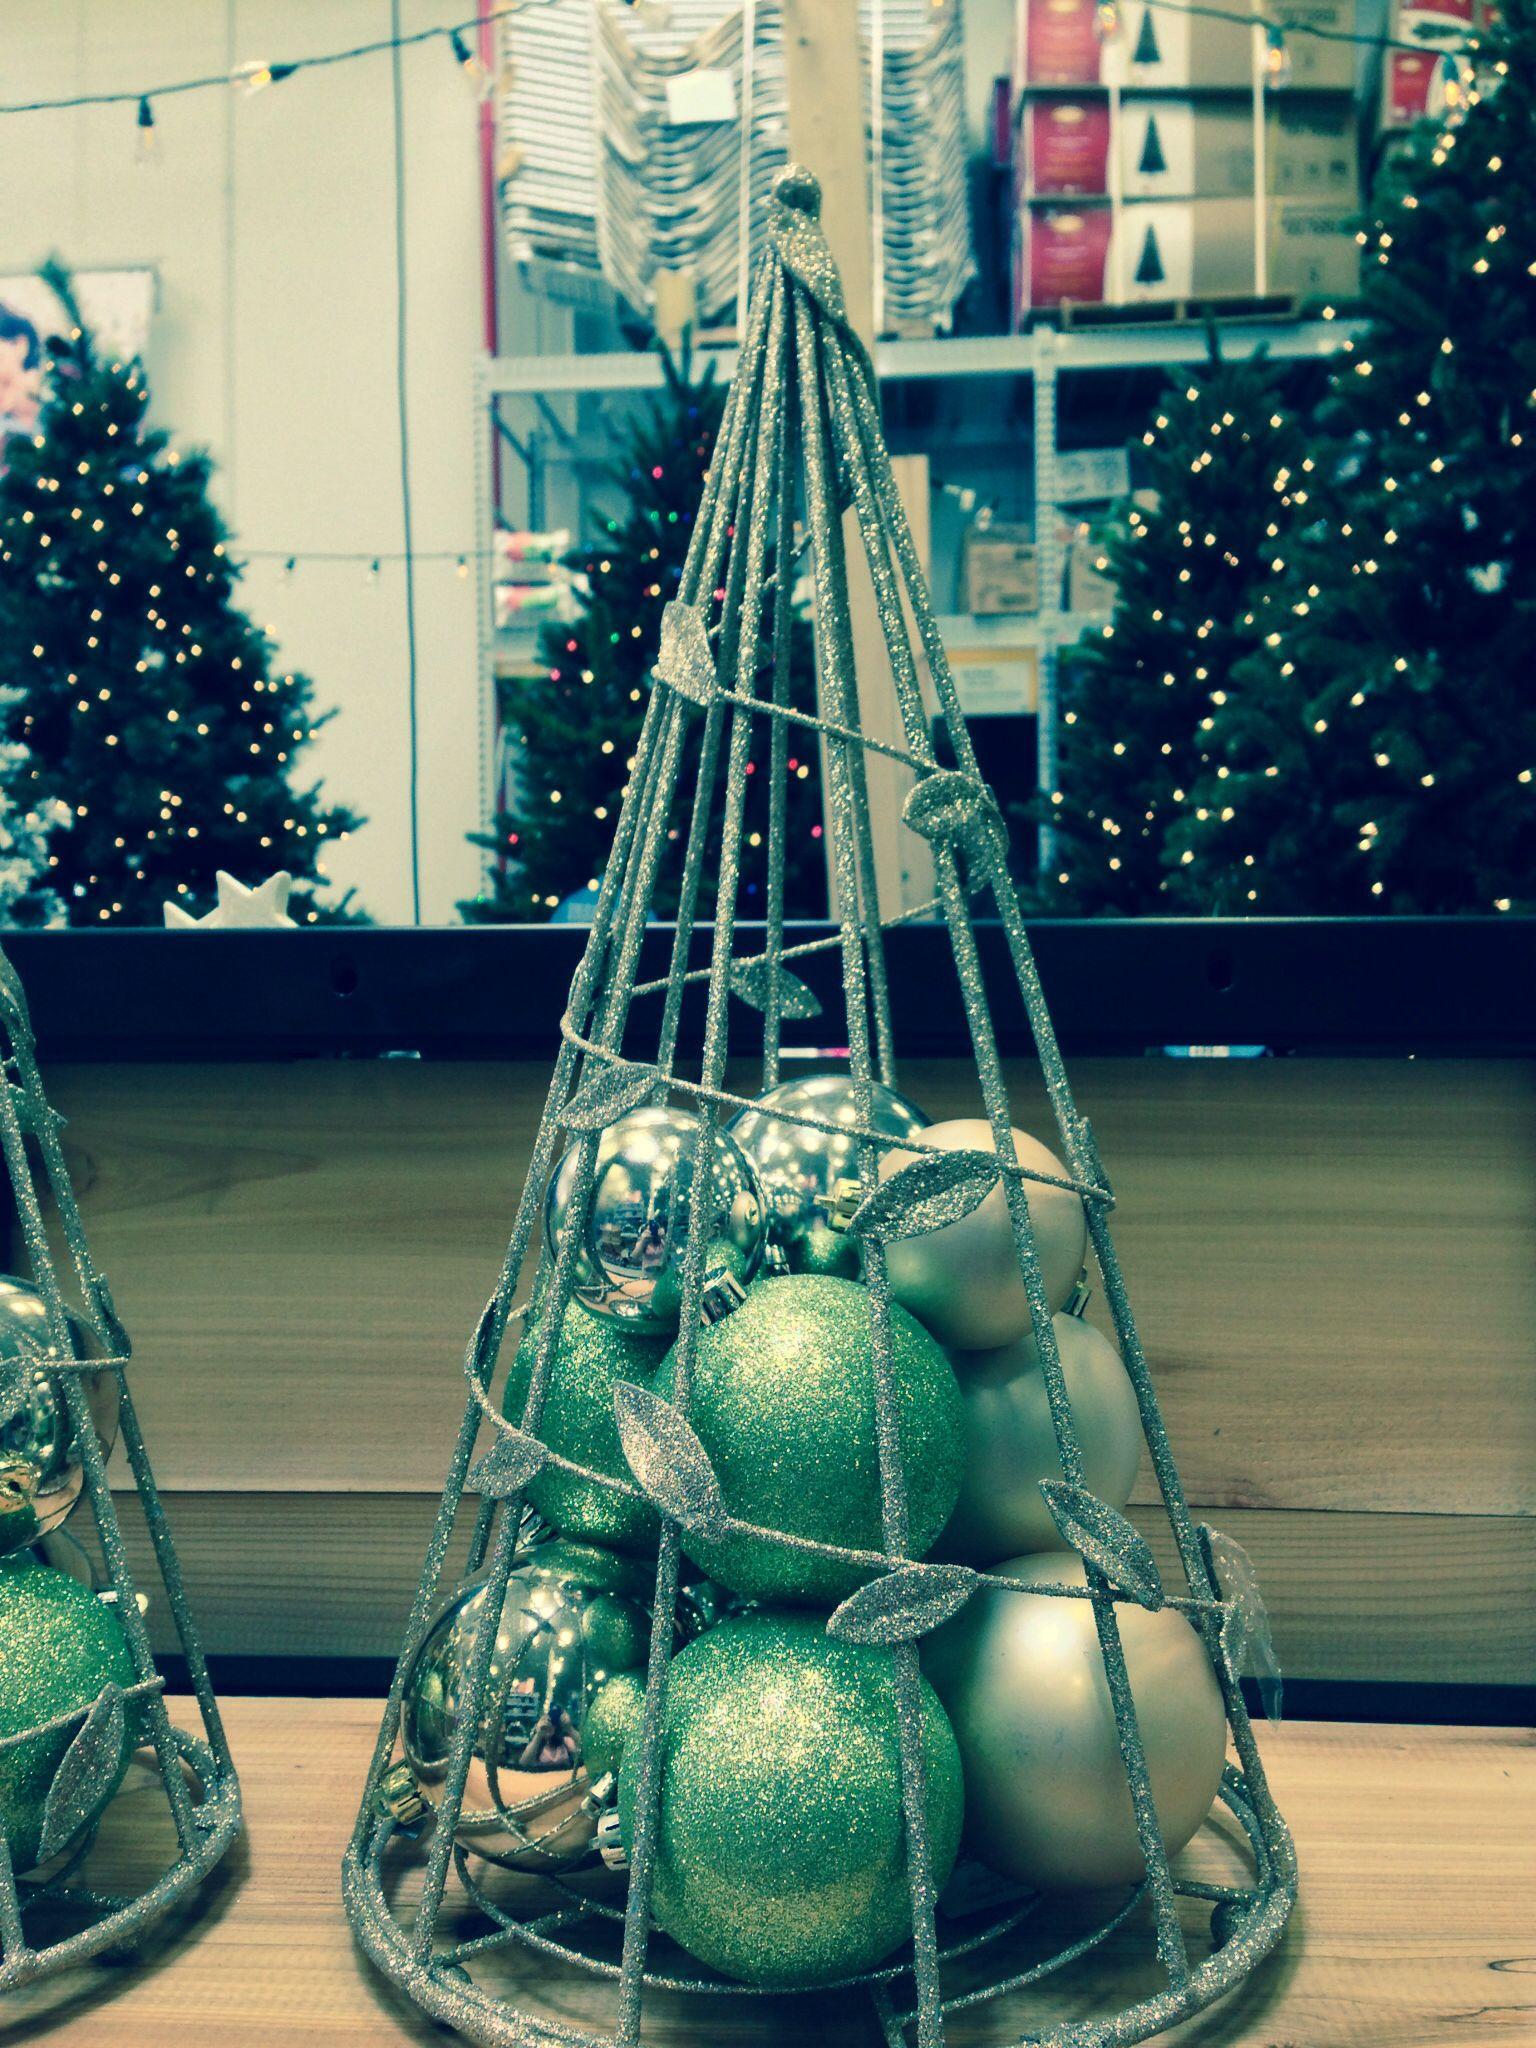 Metal Welded Christmas Tree Metal Tree Wall Art Metal Tree Metal Art Projects